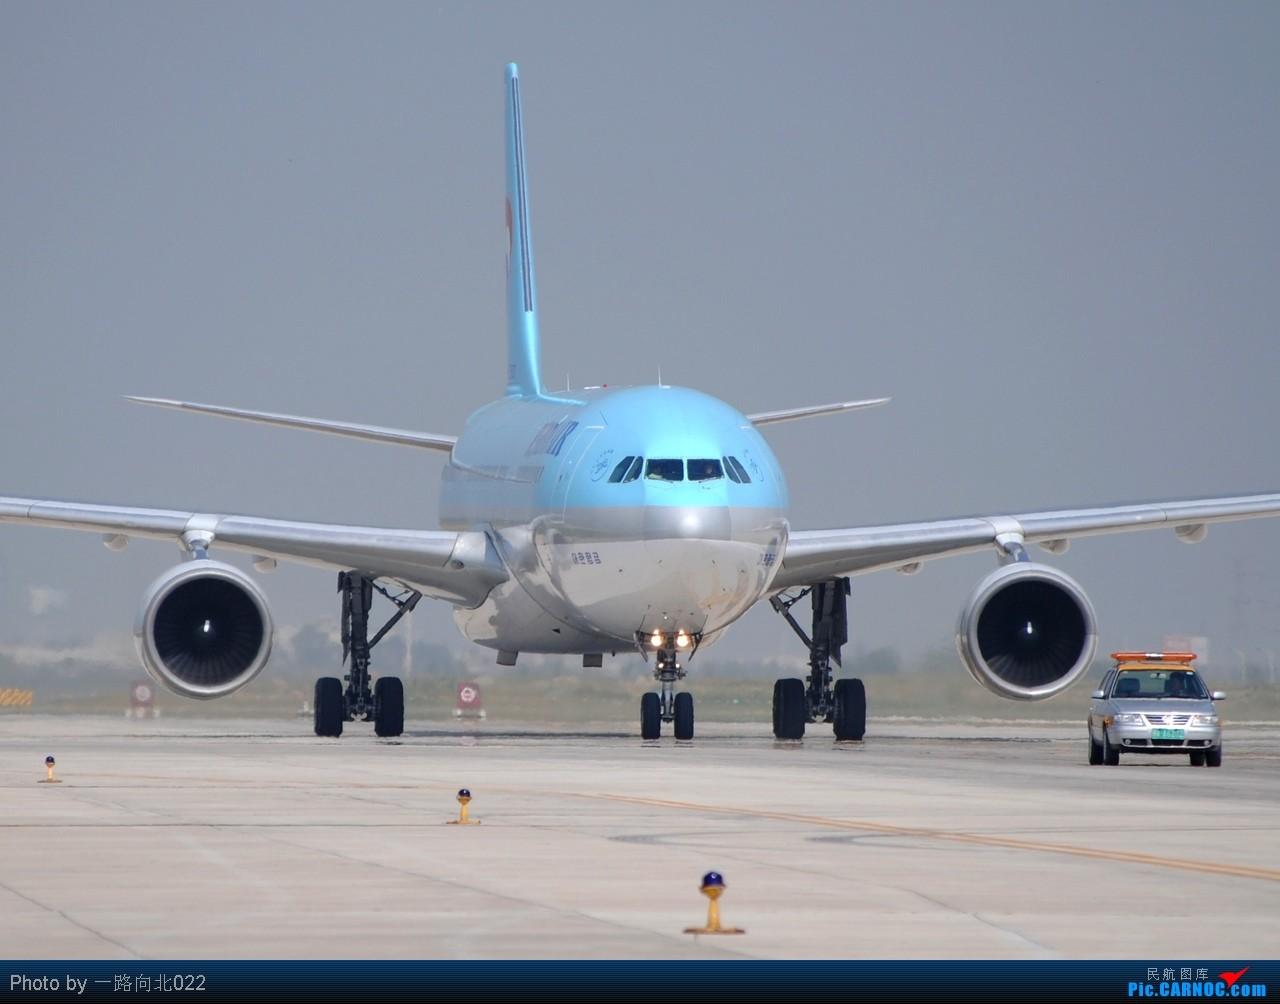 [原创]**TSN**TSN**最近很少拍机 也没有满意的图 当回一图党吧 冒个泡    中国天津滨海机场